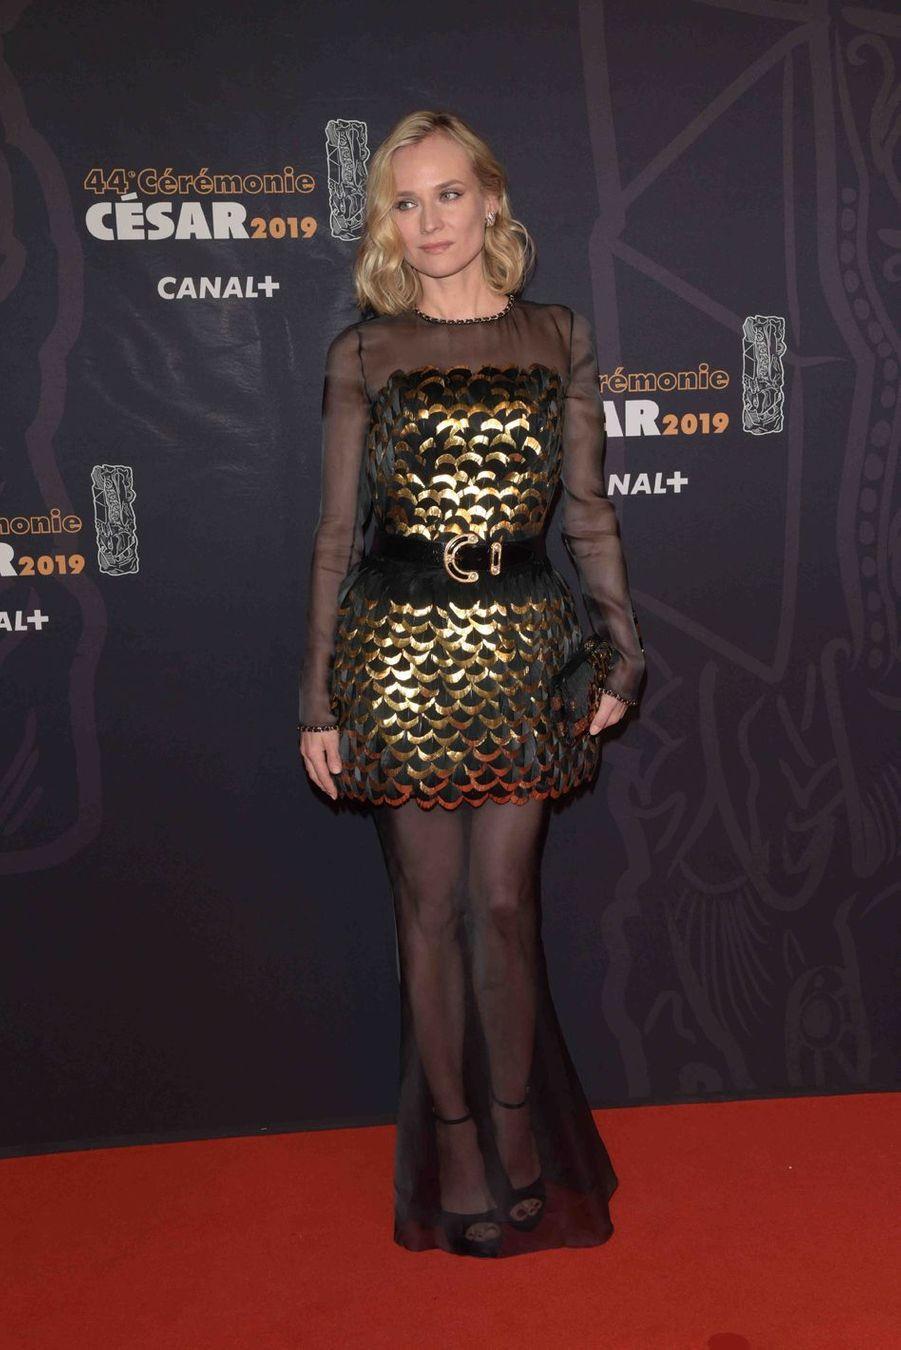 Diane Krugerà la 44e cérémonie des César à la Salle Pleyel à Paris le 22 février 2019